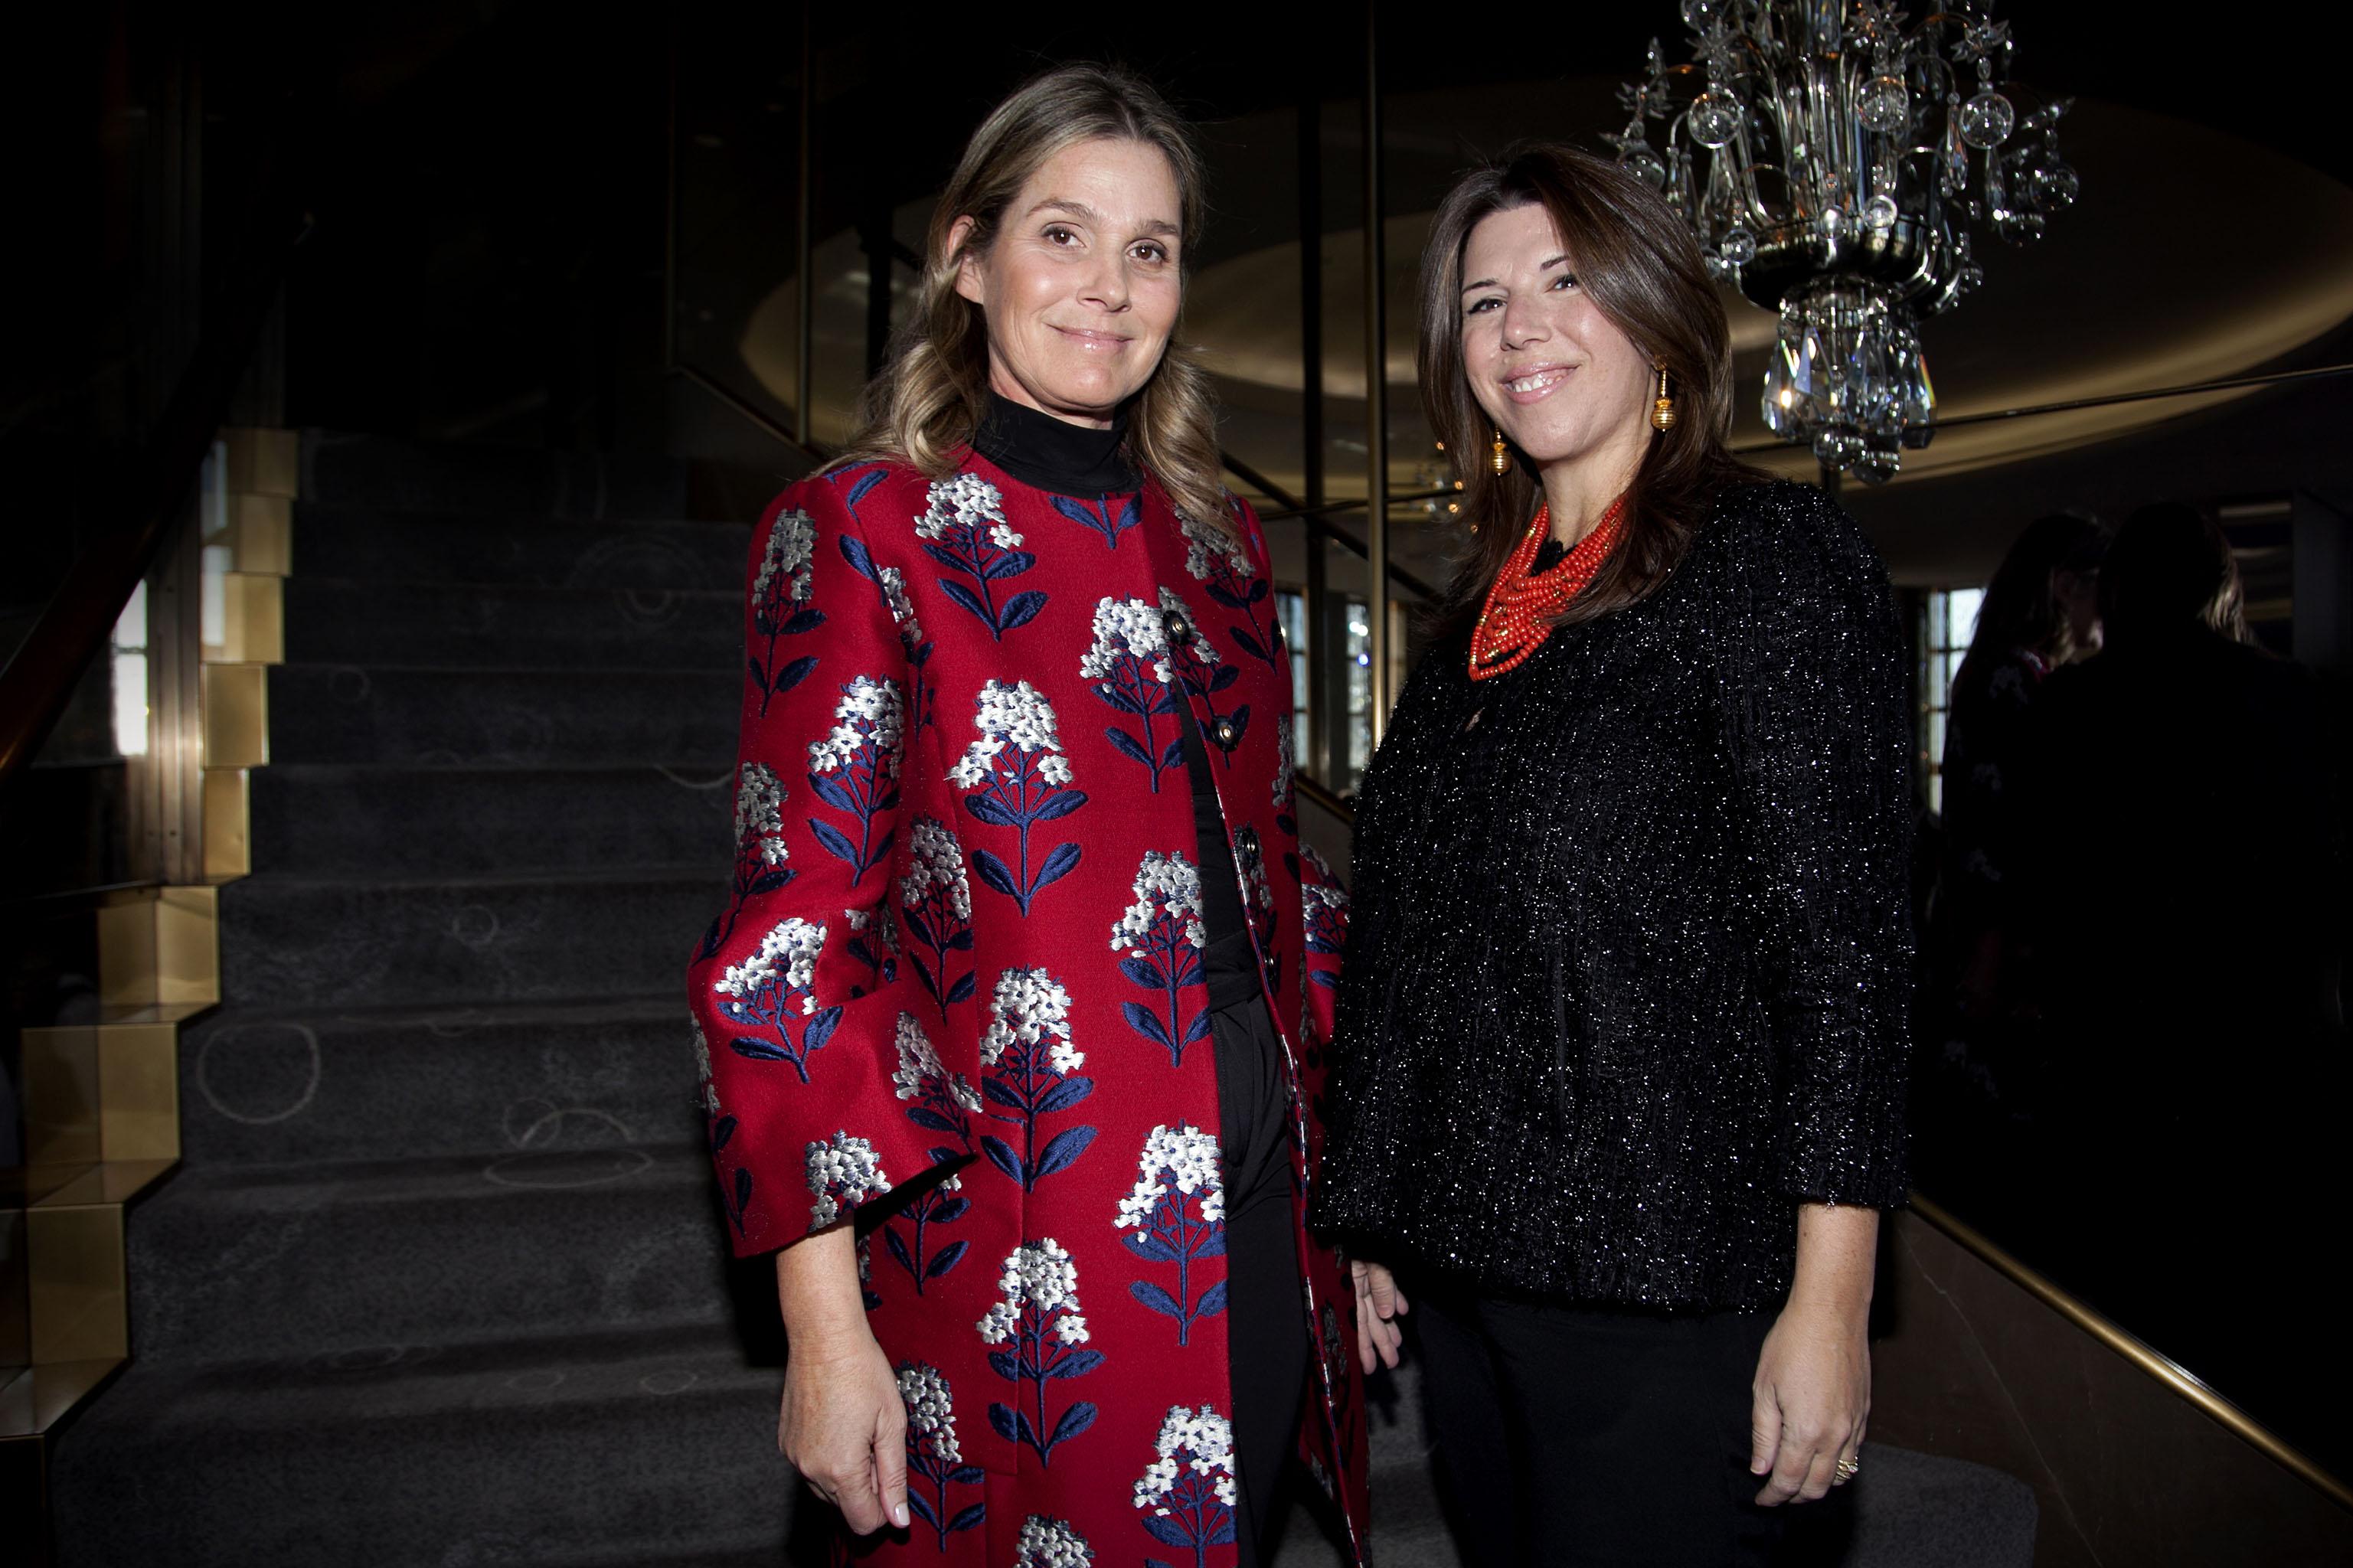 Aerin Lauder and Stellene Volandes